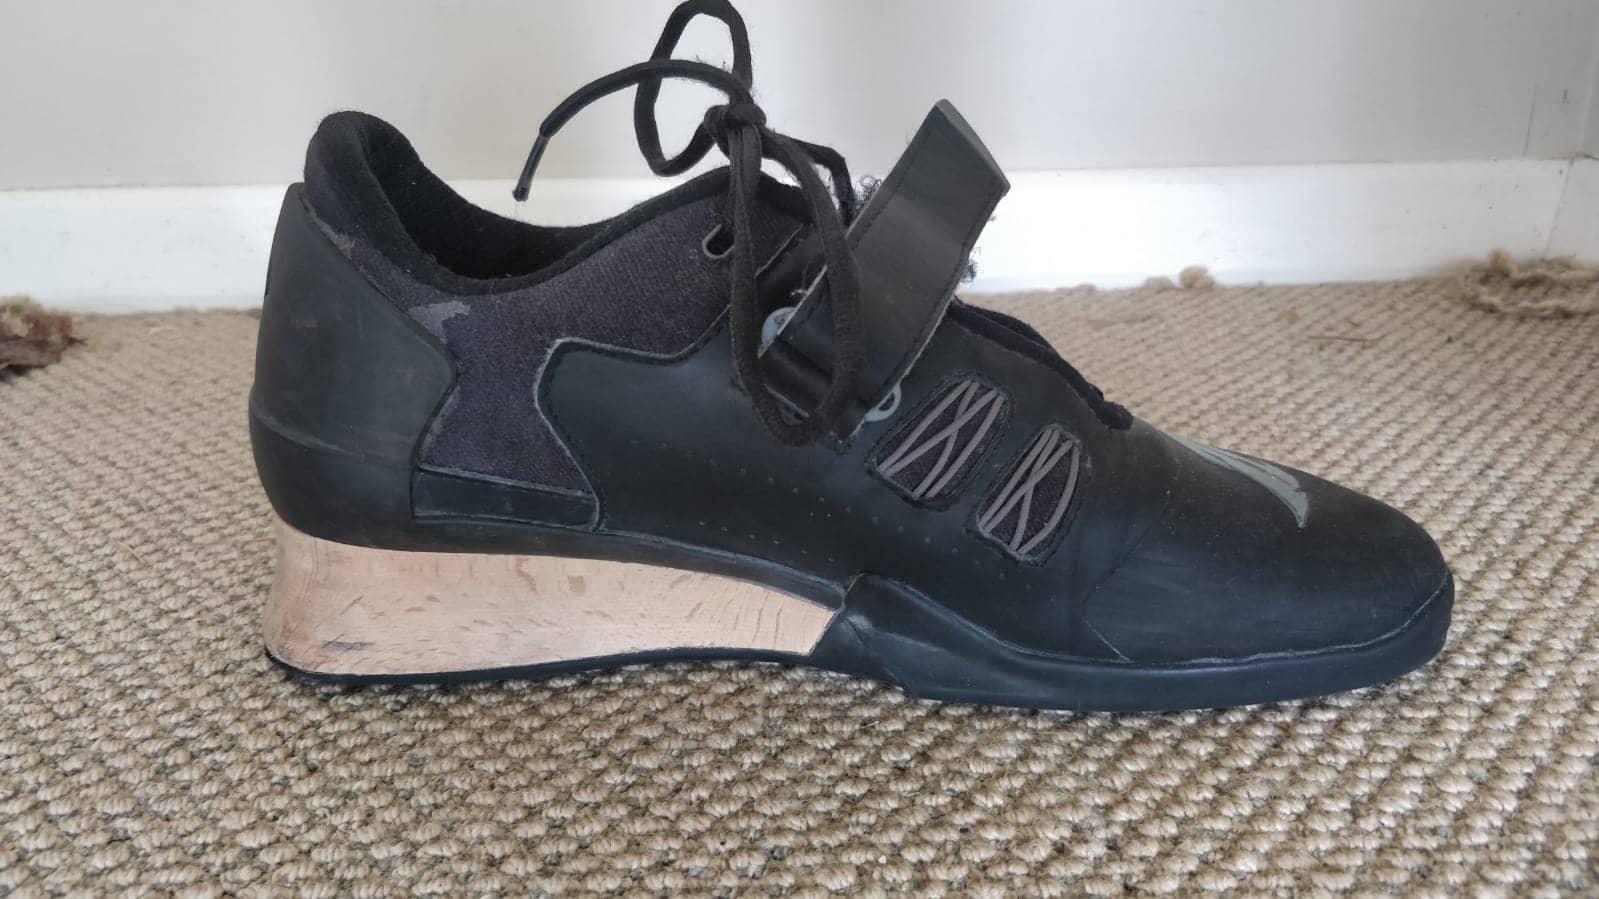 Velaasa Strake Weightlifting Shoe